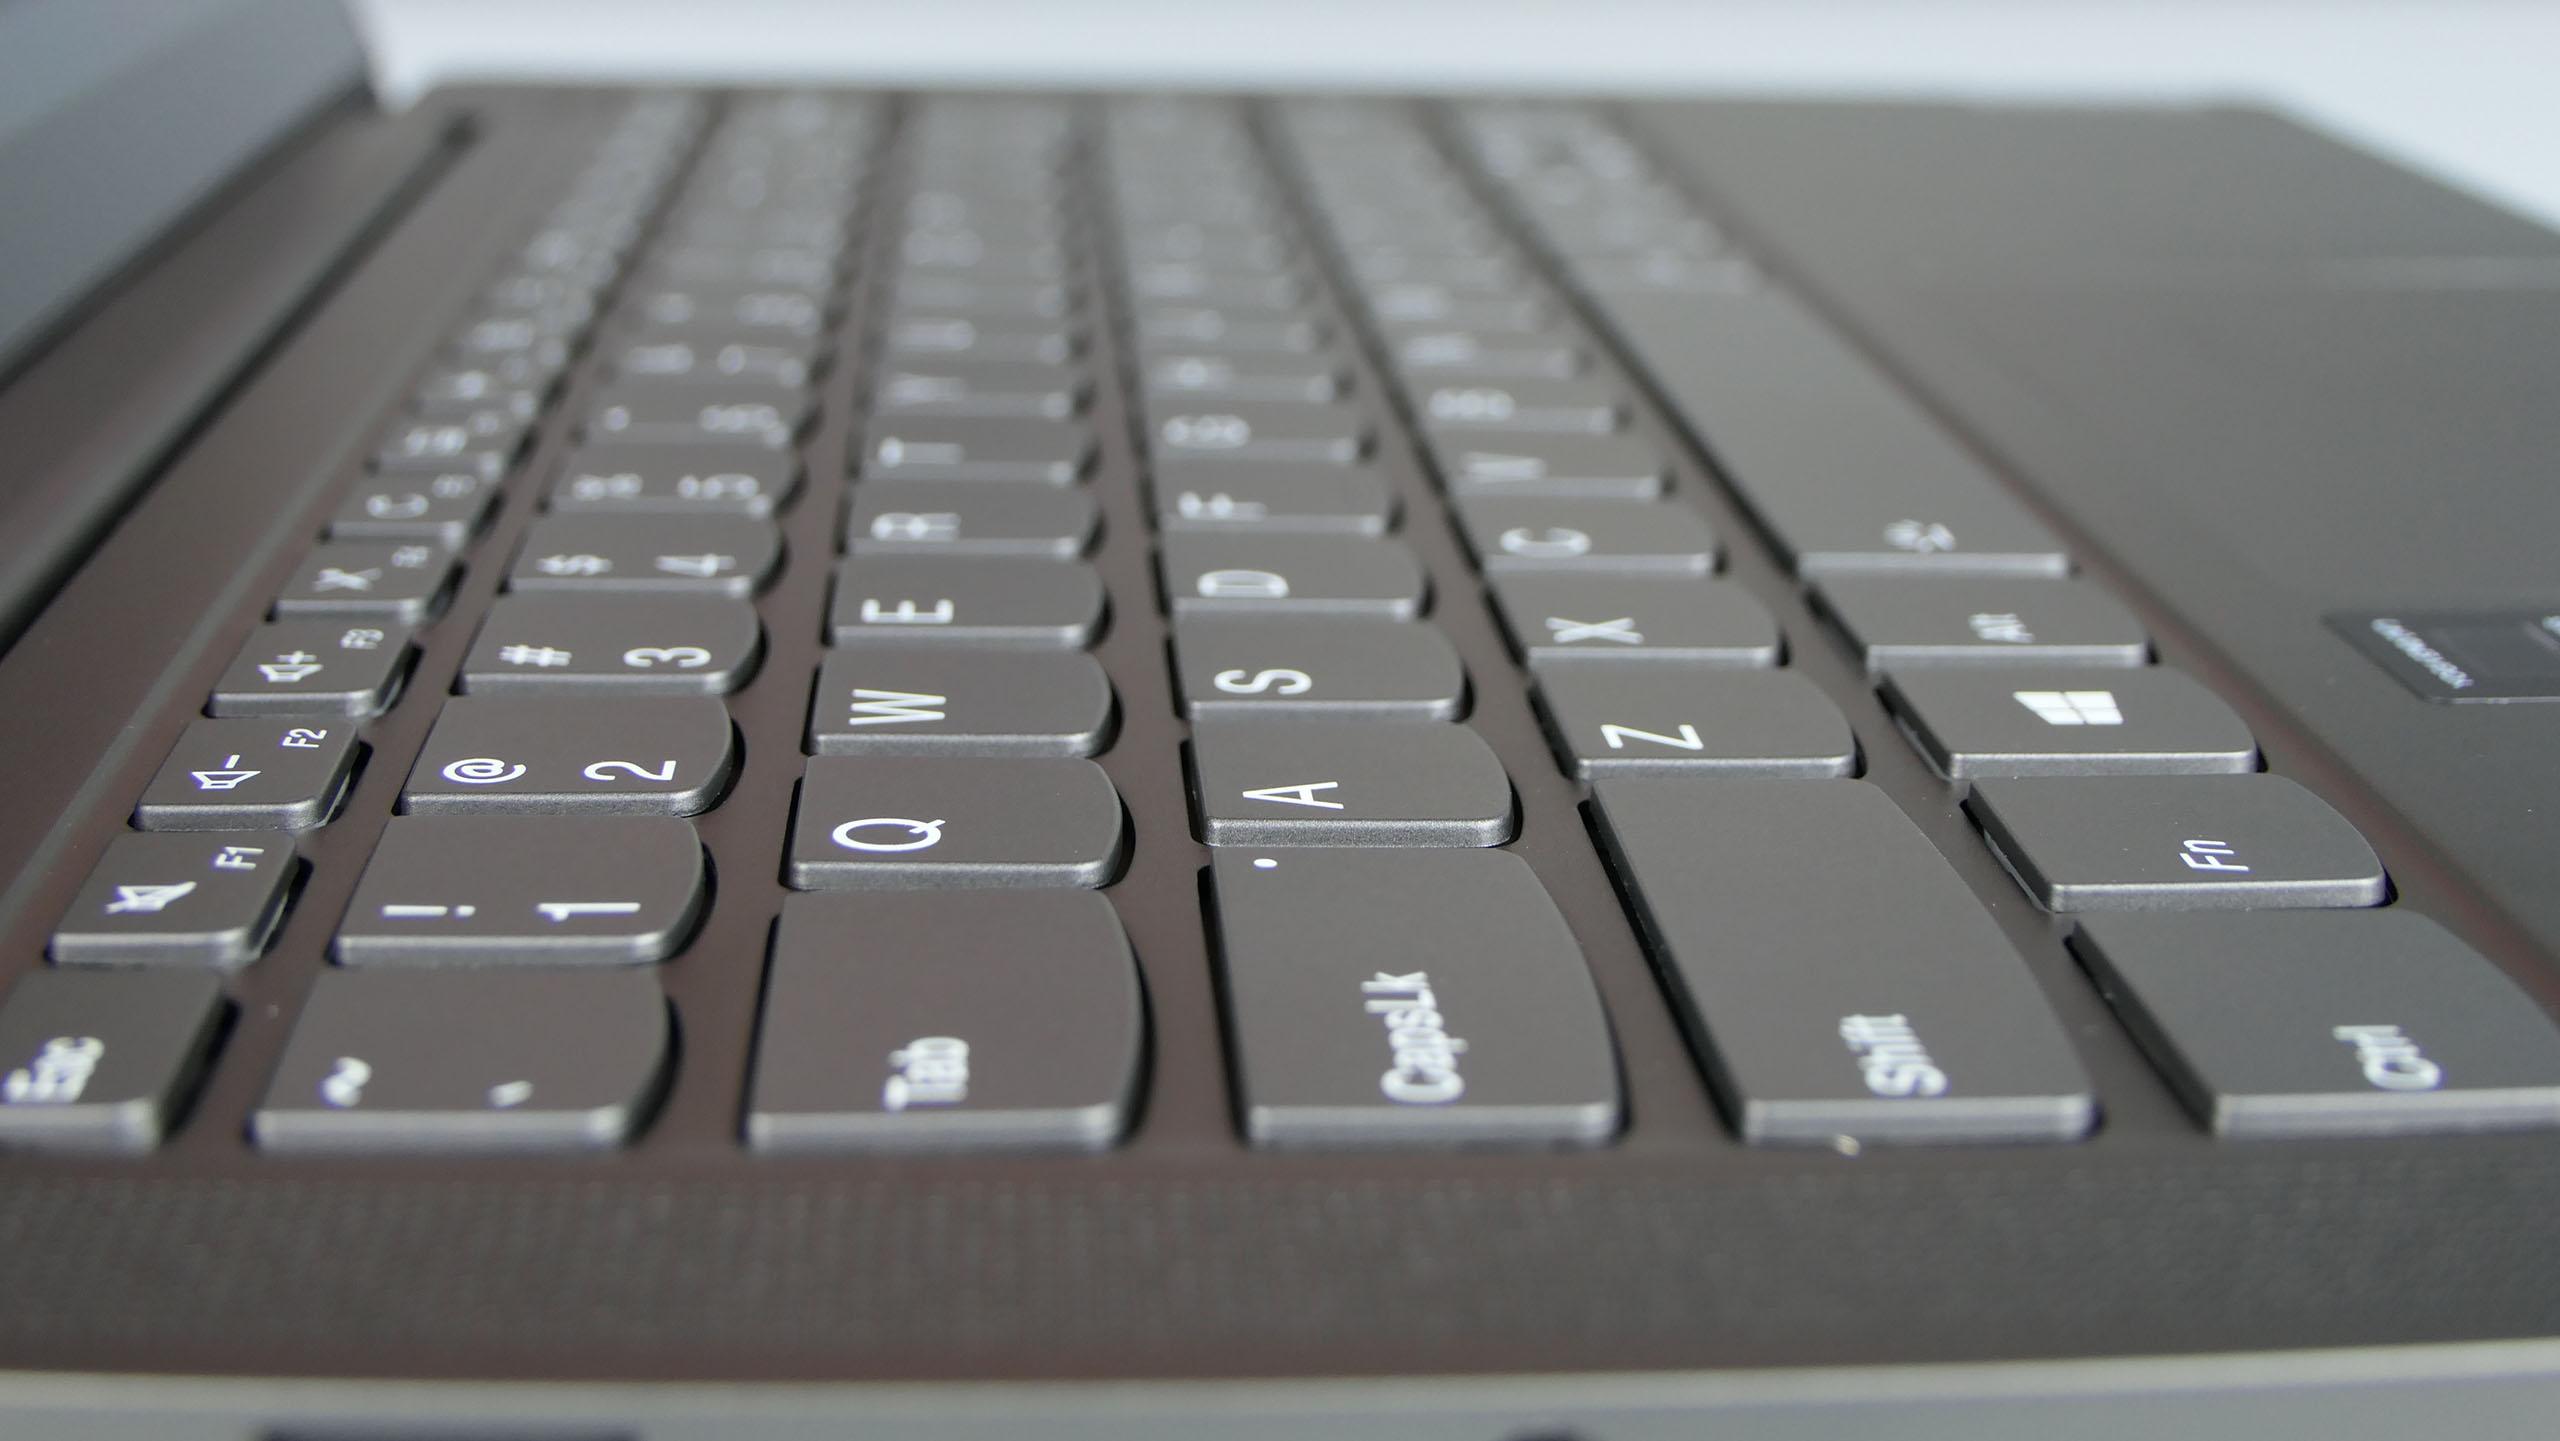 Lenovo Yoga S740 (14) - klawiatura wyspowa